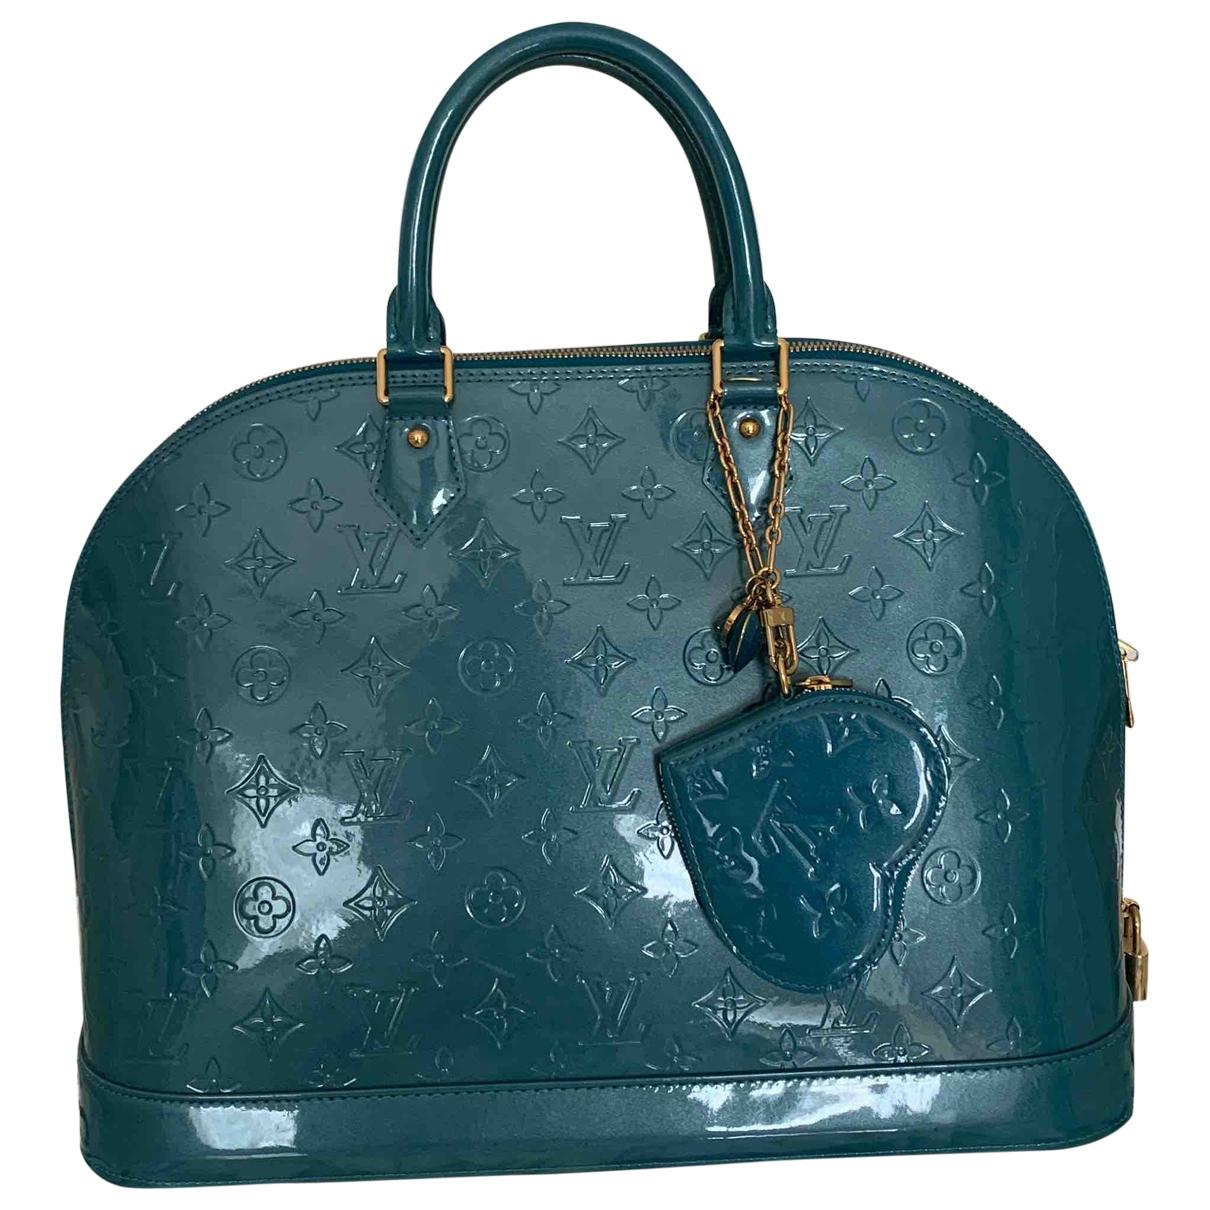 Louis Vuitton Alma BB Handtasche in  Tuerkis Lackleder